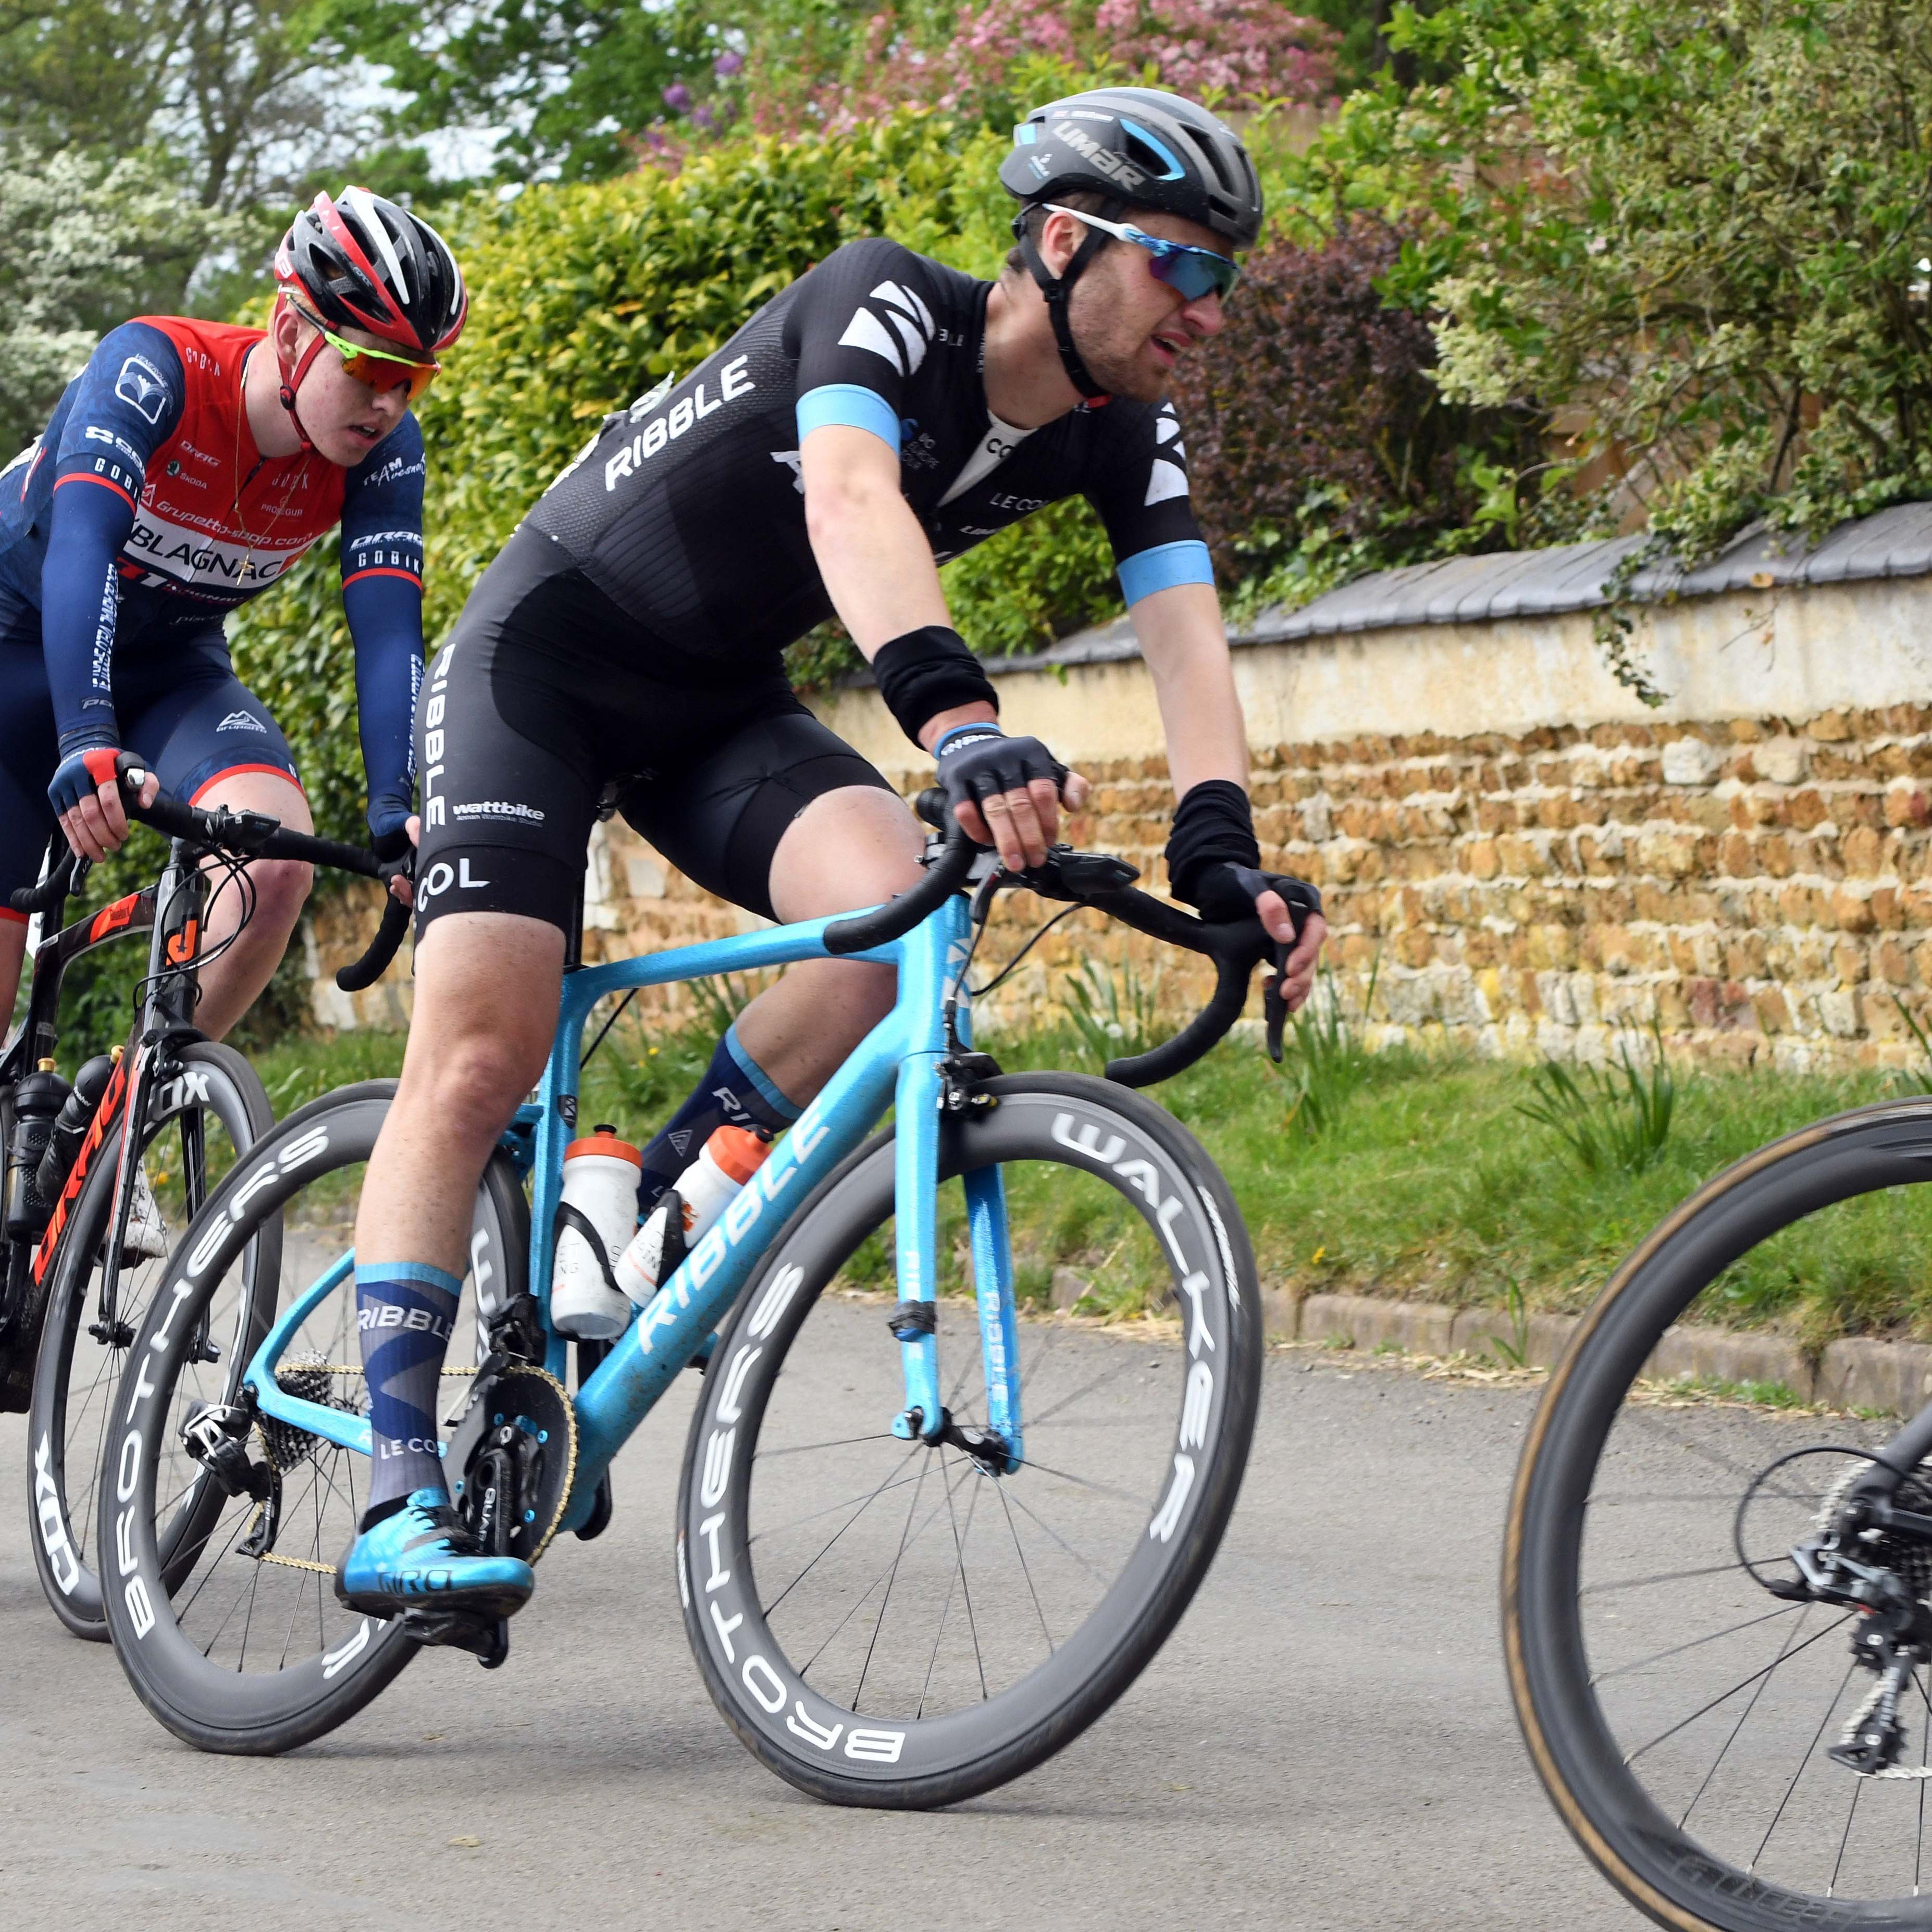 Race Shots Racing Pro Cycling Endurance